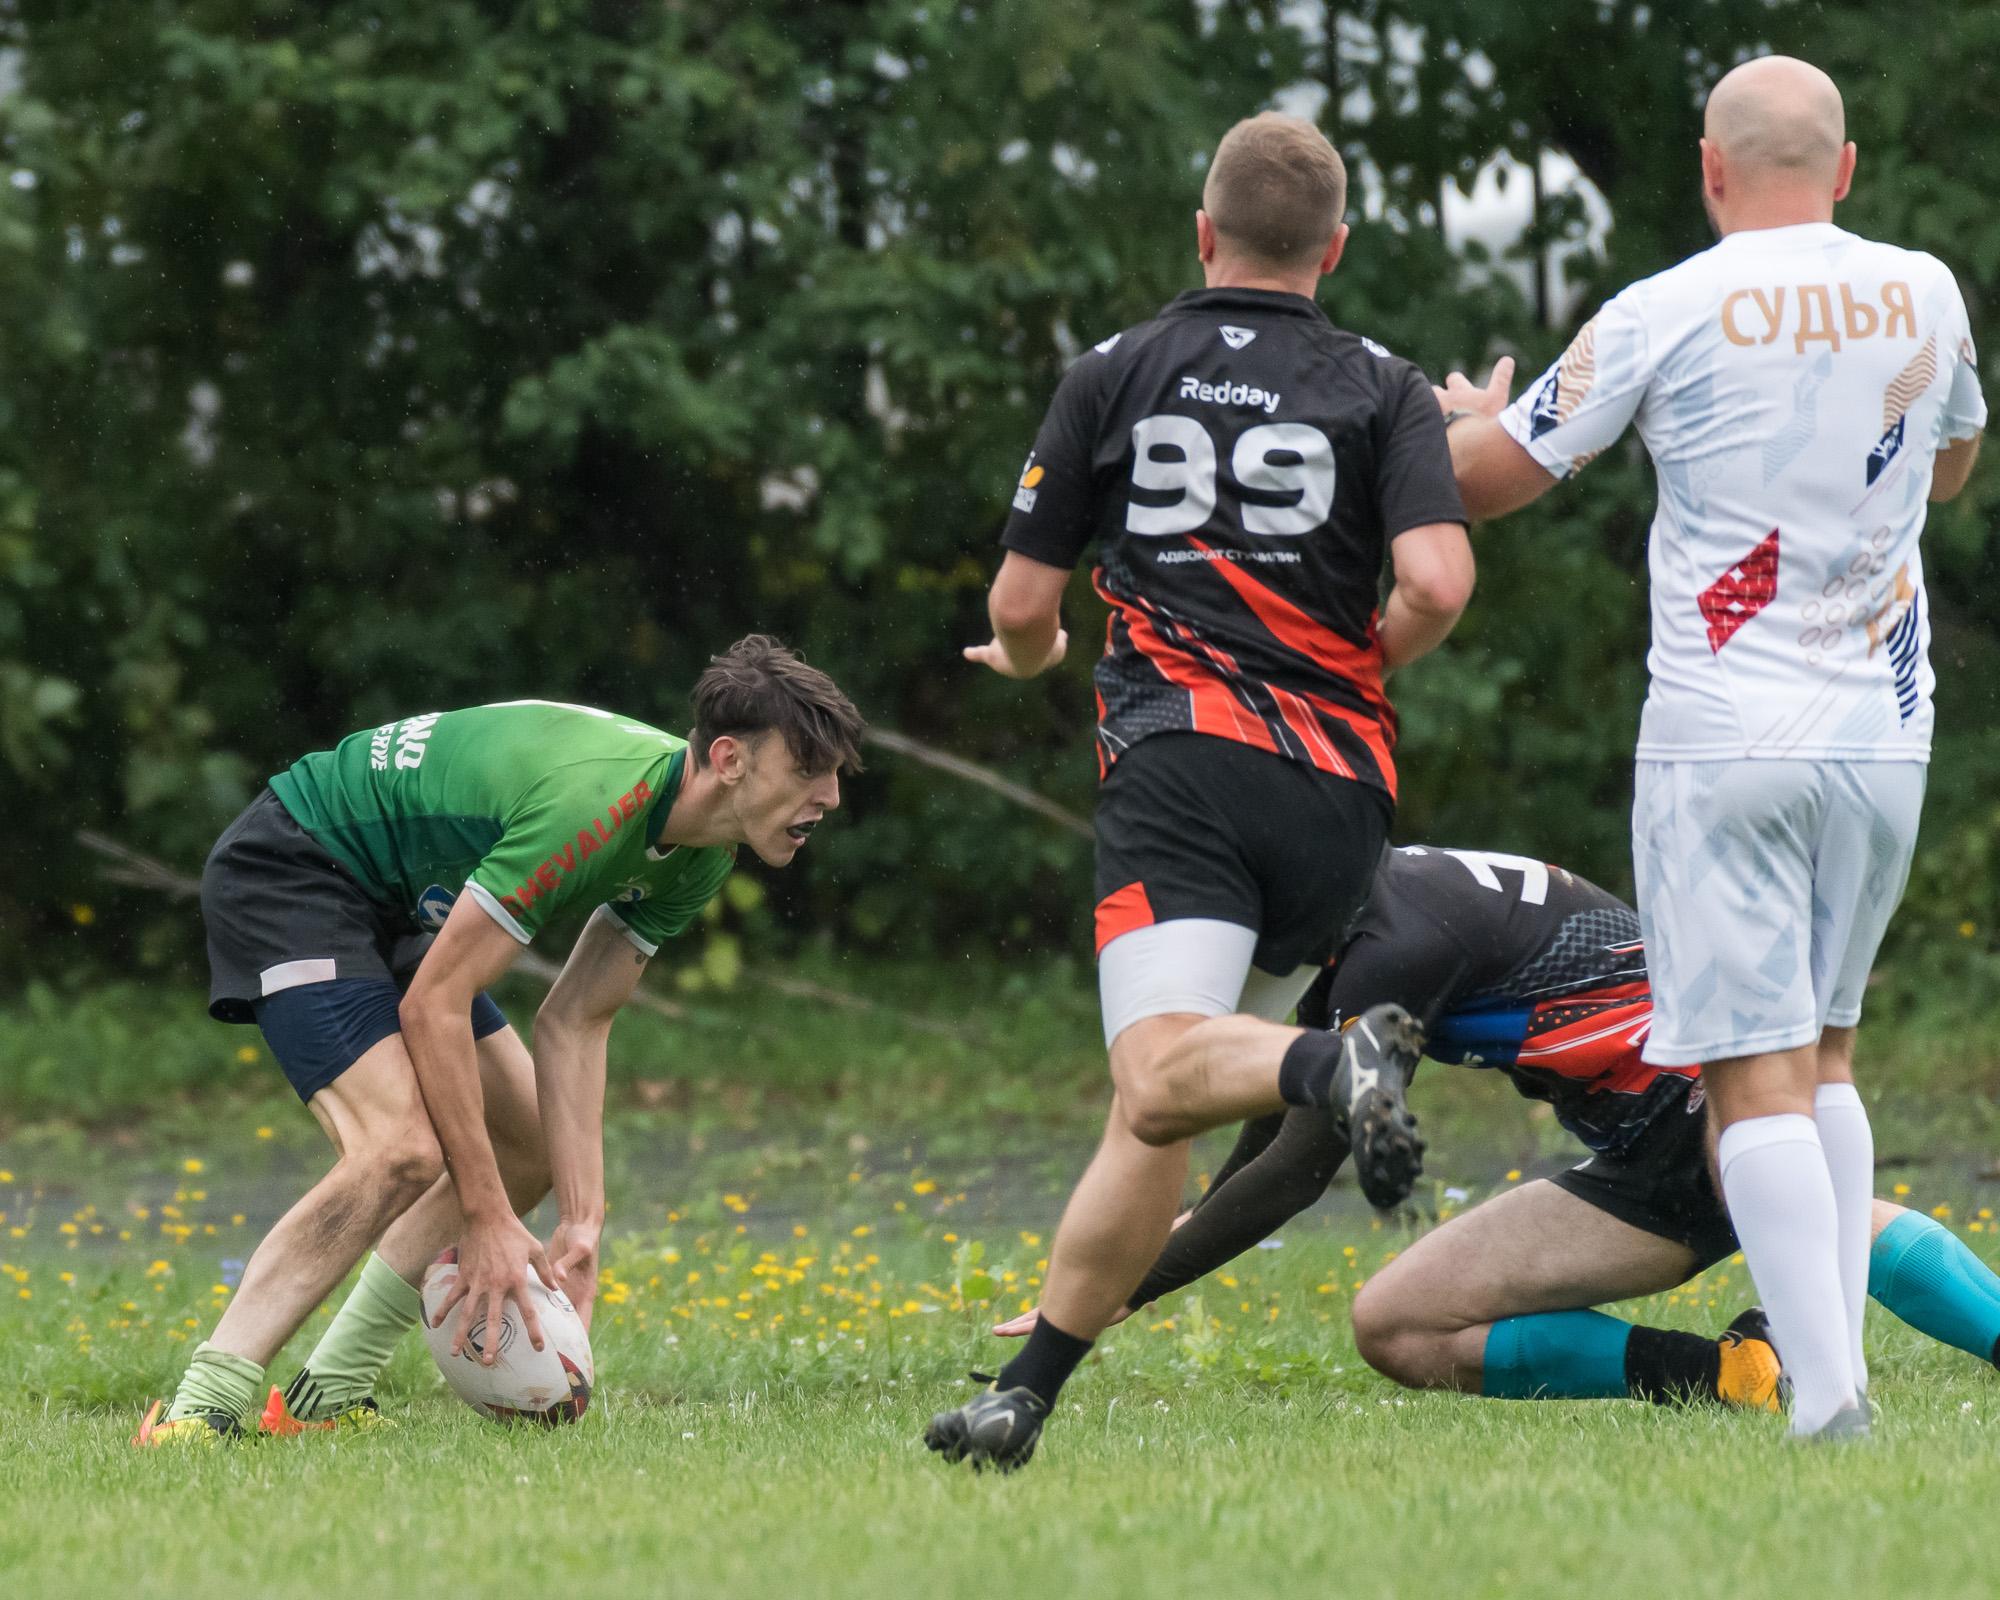 «Черно-оранжевые» возглавили турнирную таблицу Второго дивизиона. Отчет о матче «Тушино» - «Форум».